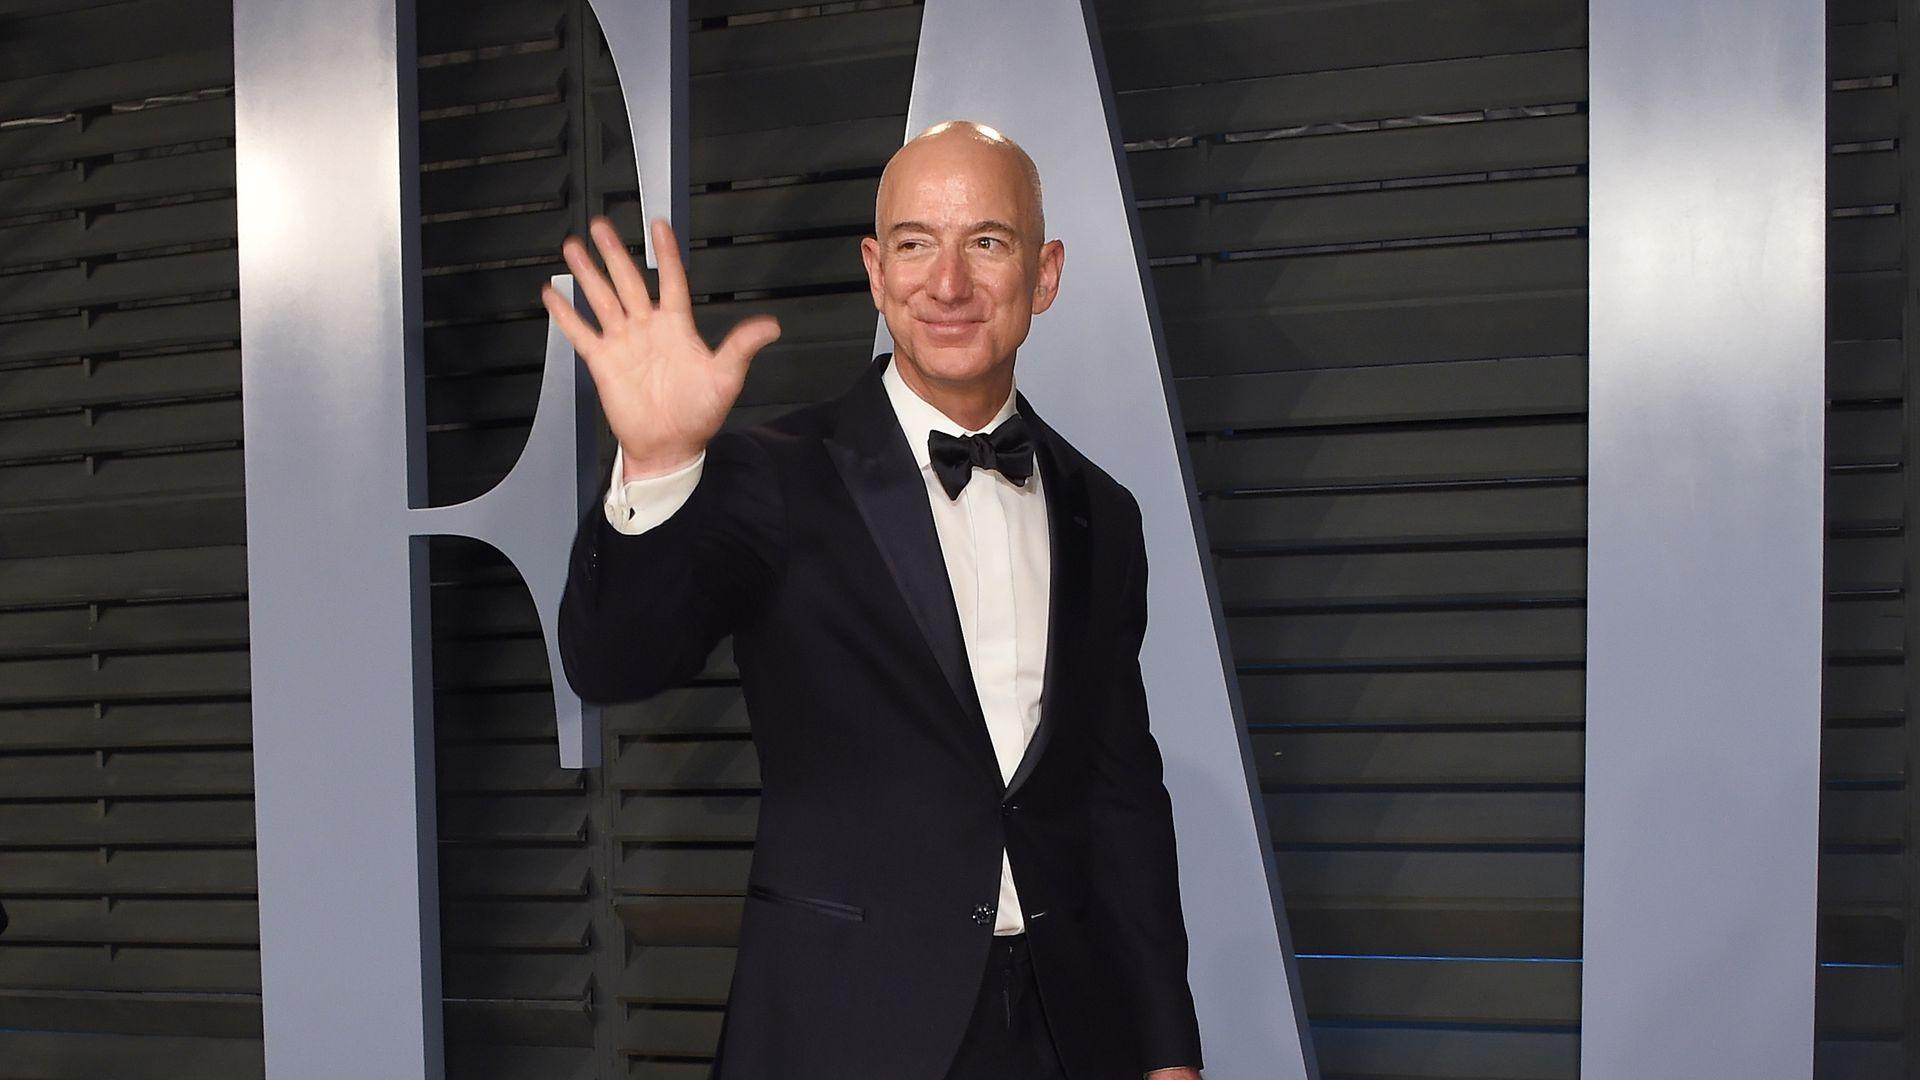 Jeff Bezos hd photo